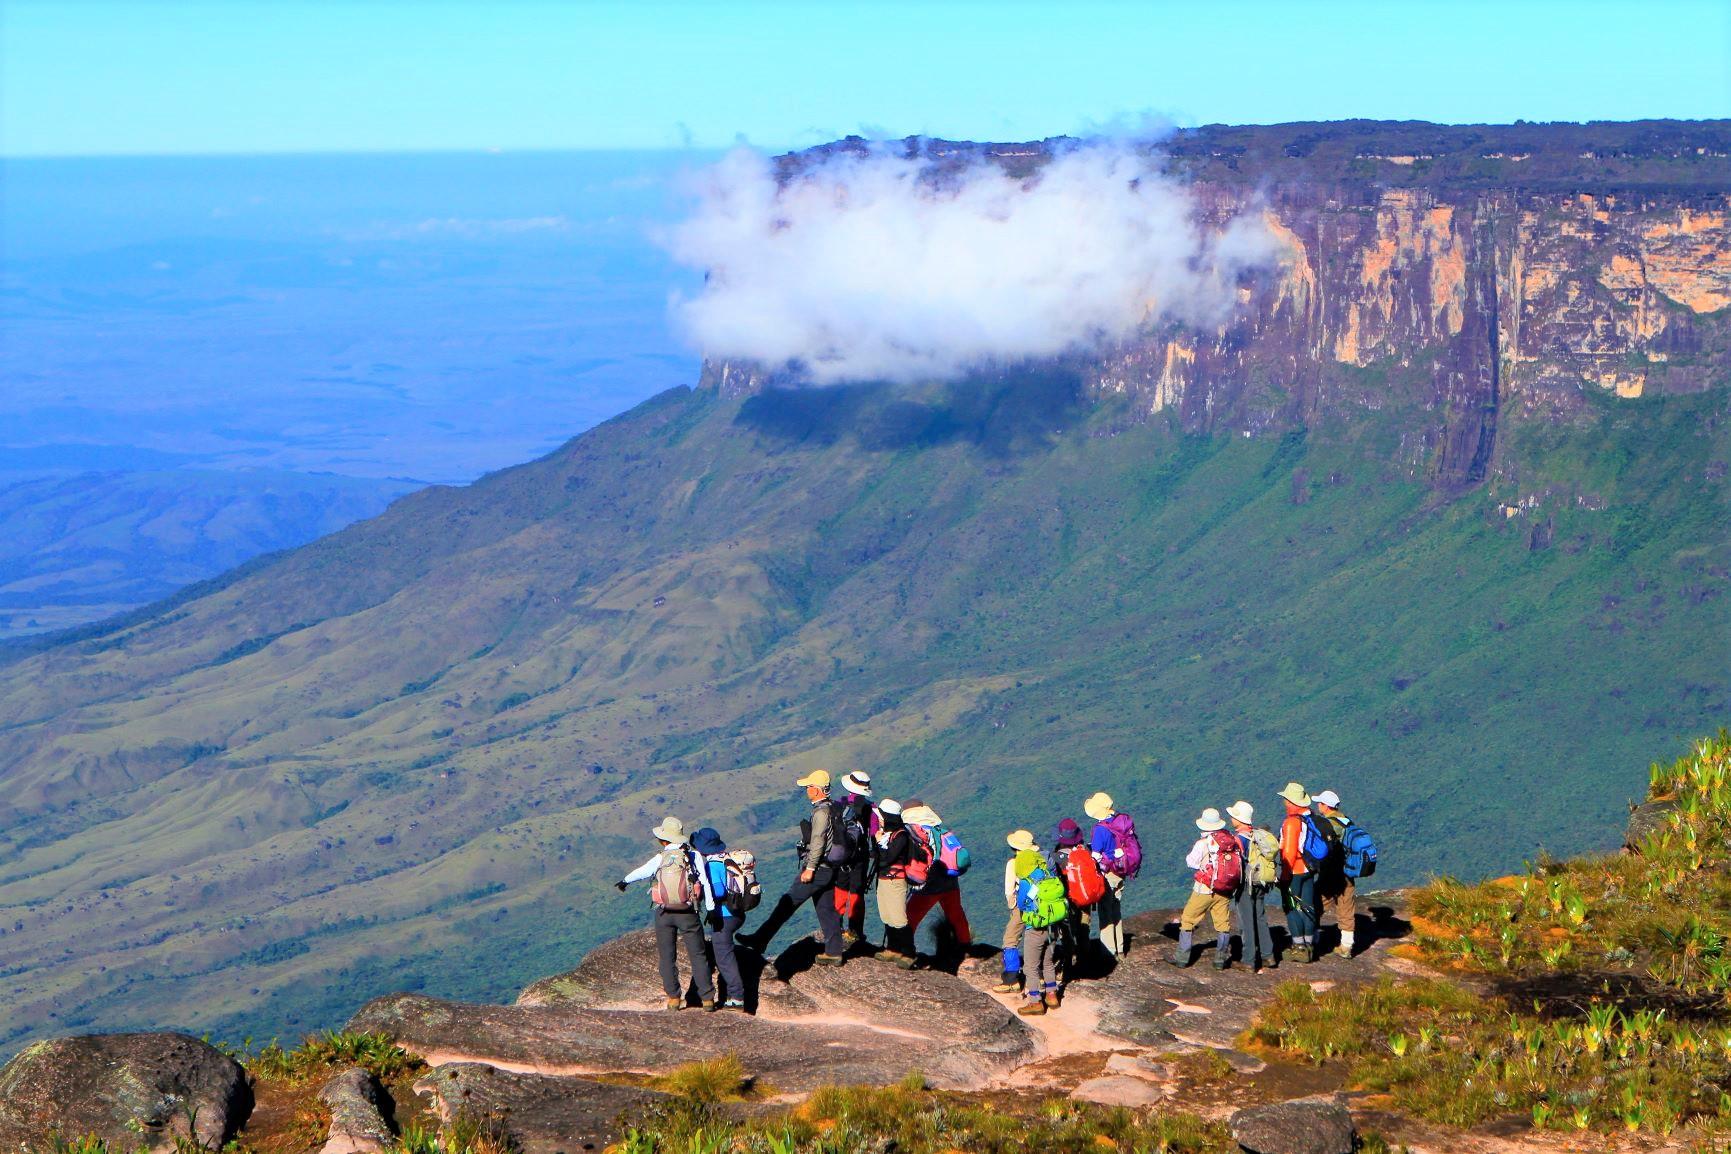 秘境ギアナ高地、ロライマ山ヘリ・トレッキングと世界最大落差の滝エンゼルフォール 15日間